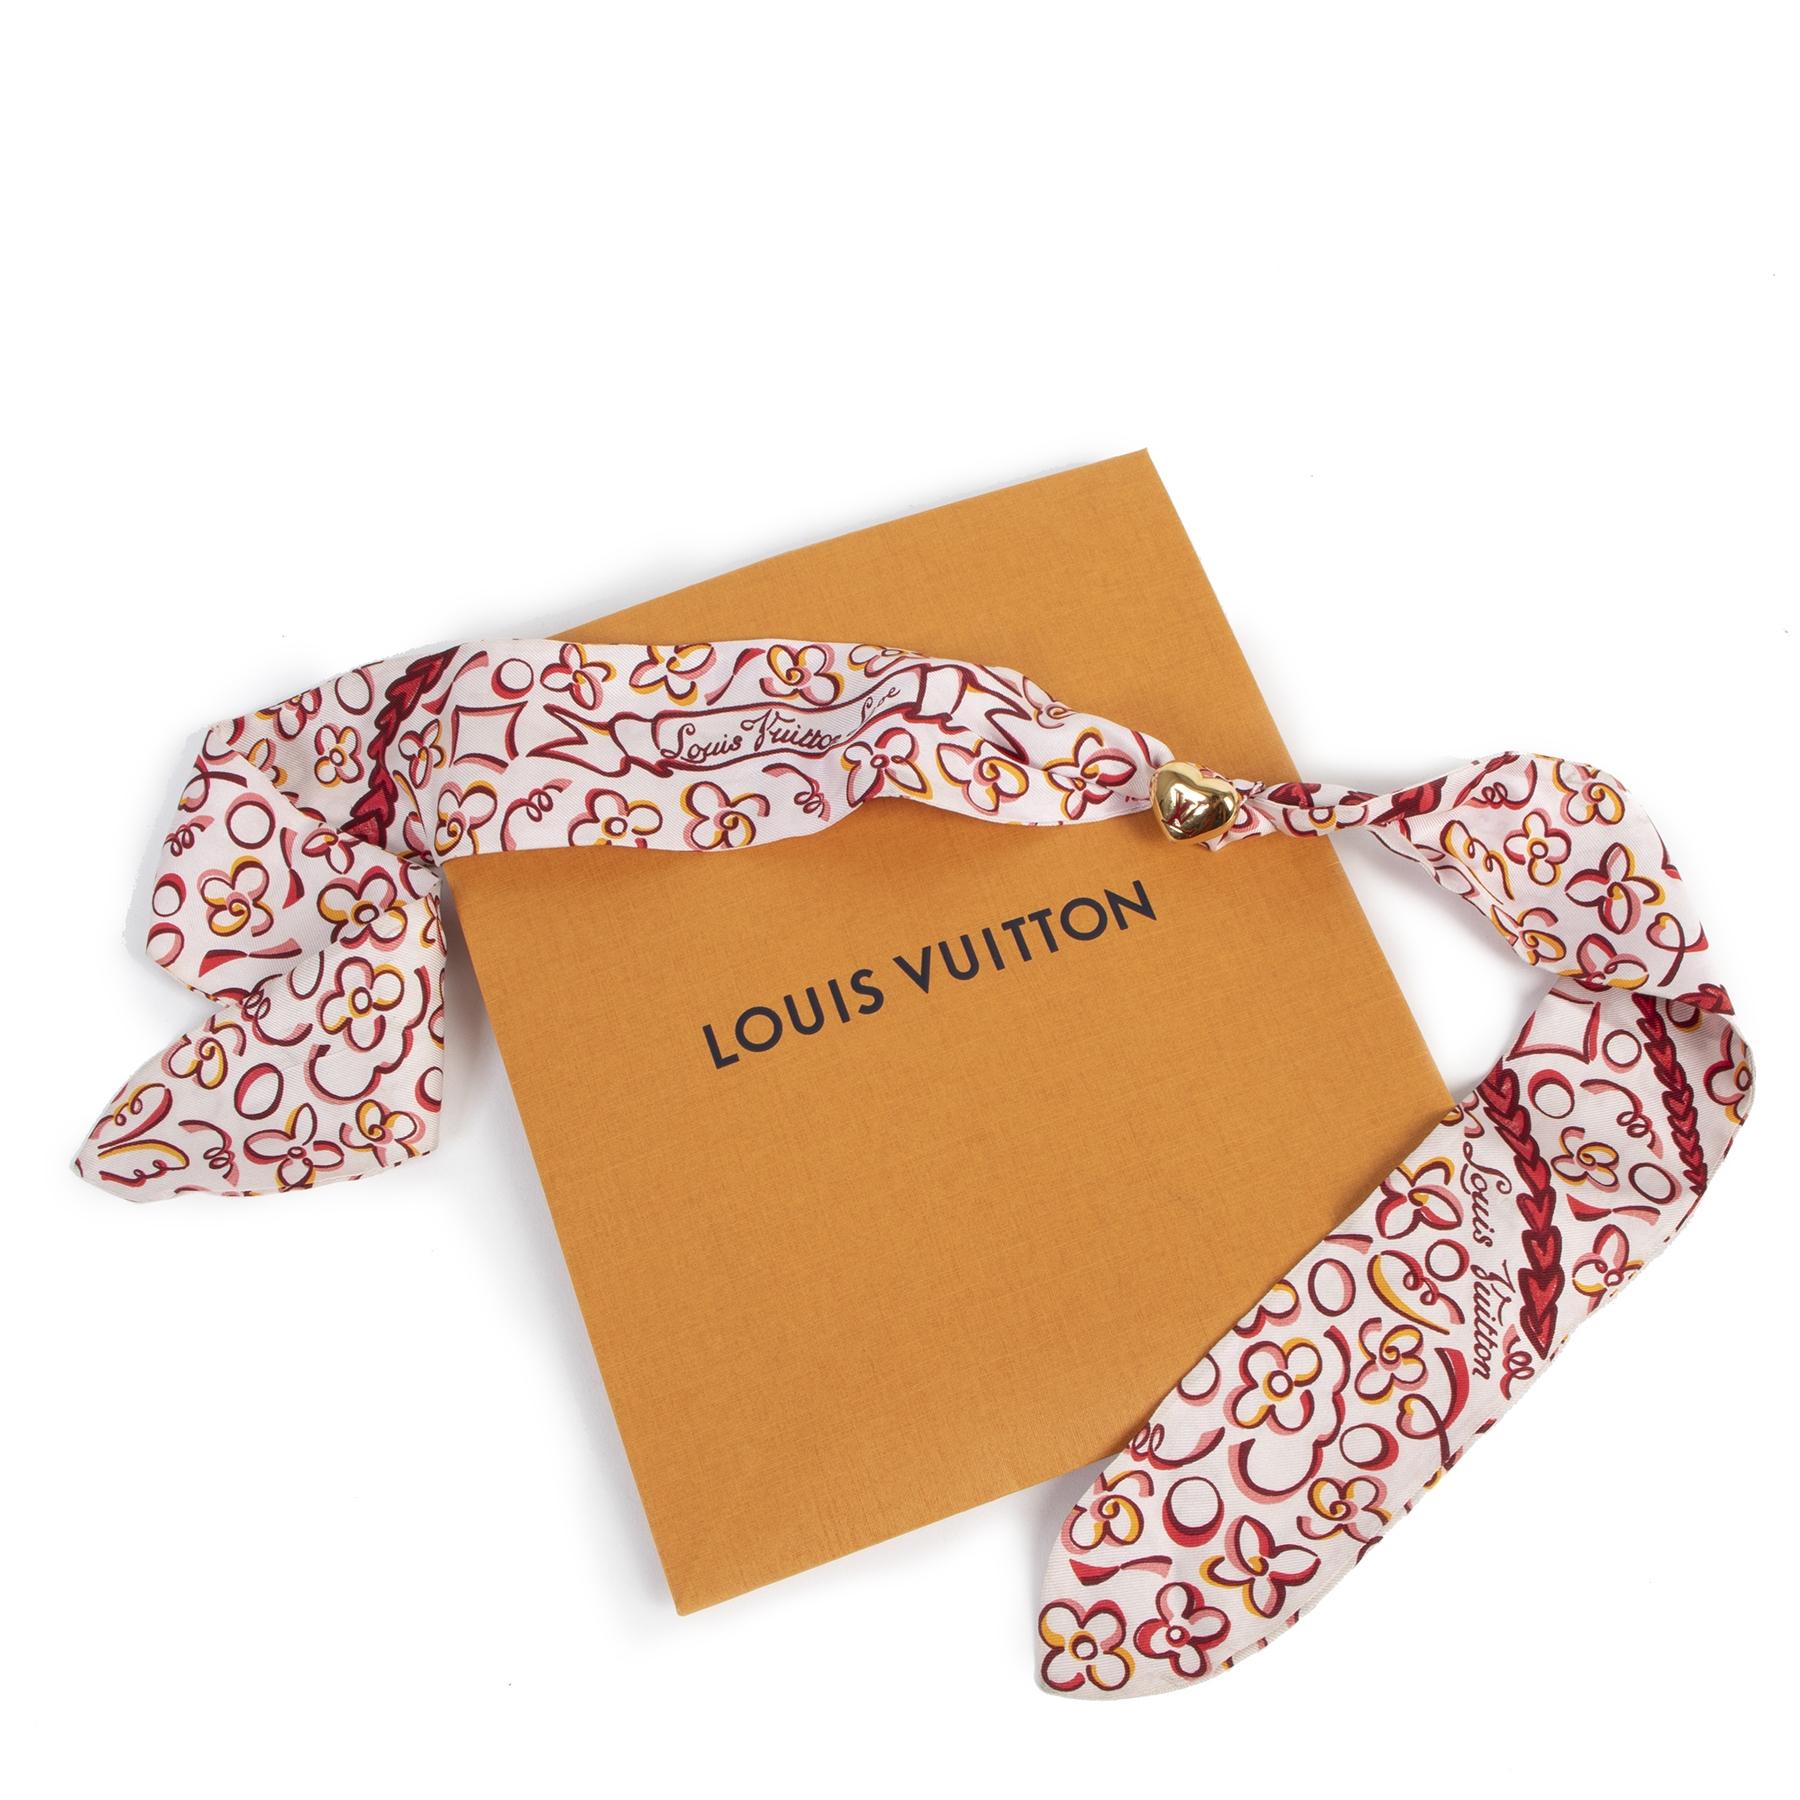 Authentieke Tweedehands Louis Vuitton Pink Bandeau Heart Jewel juiste prijs veilig online shoppen luxe merken webshop winkelen Antwerpen België mode fashion